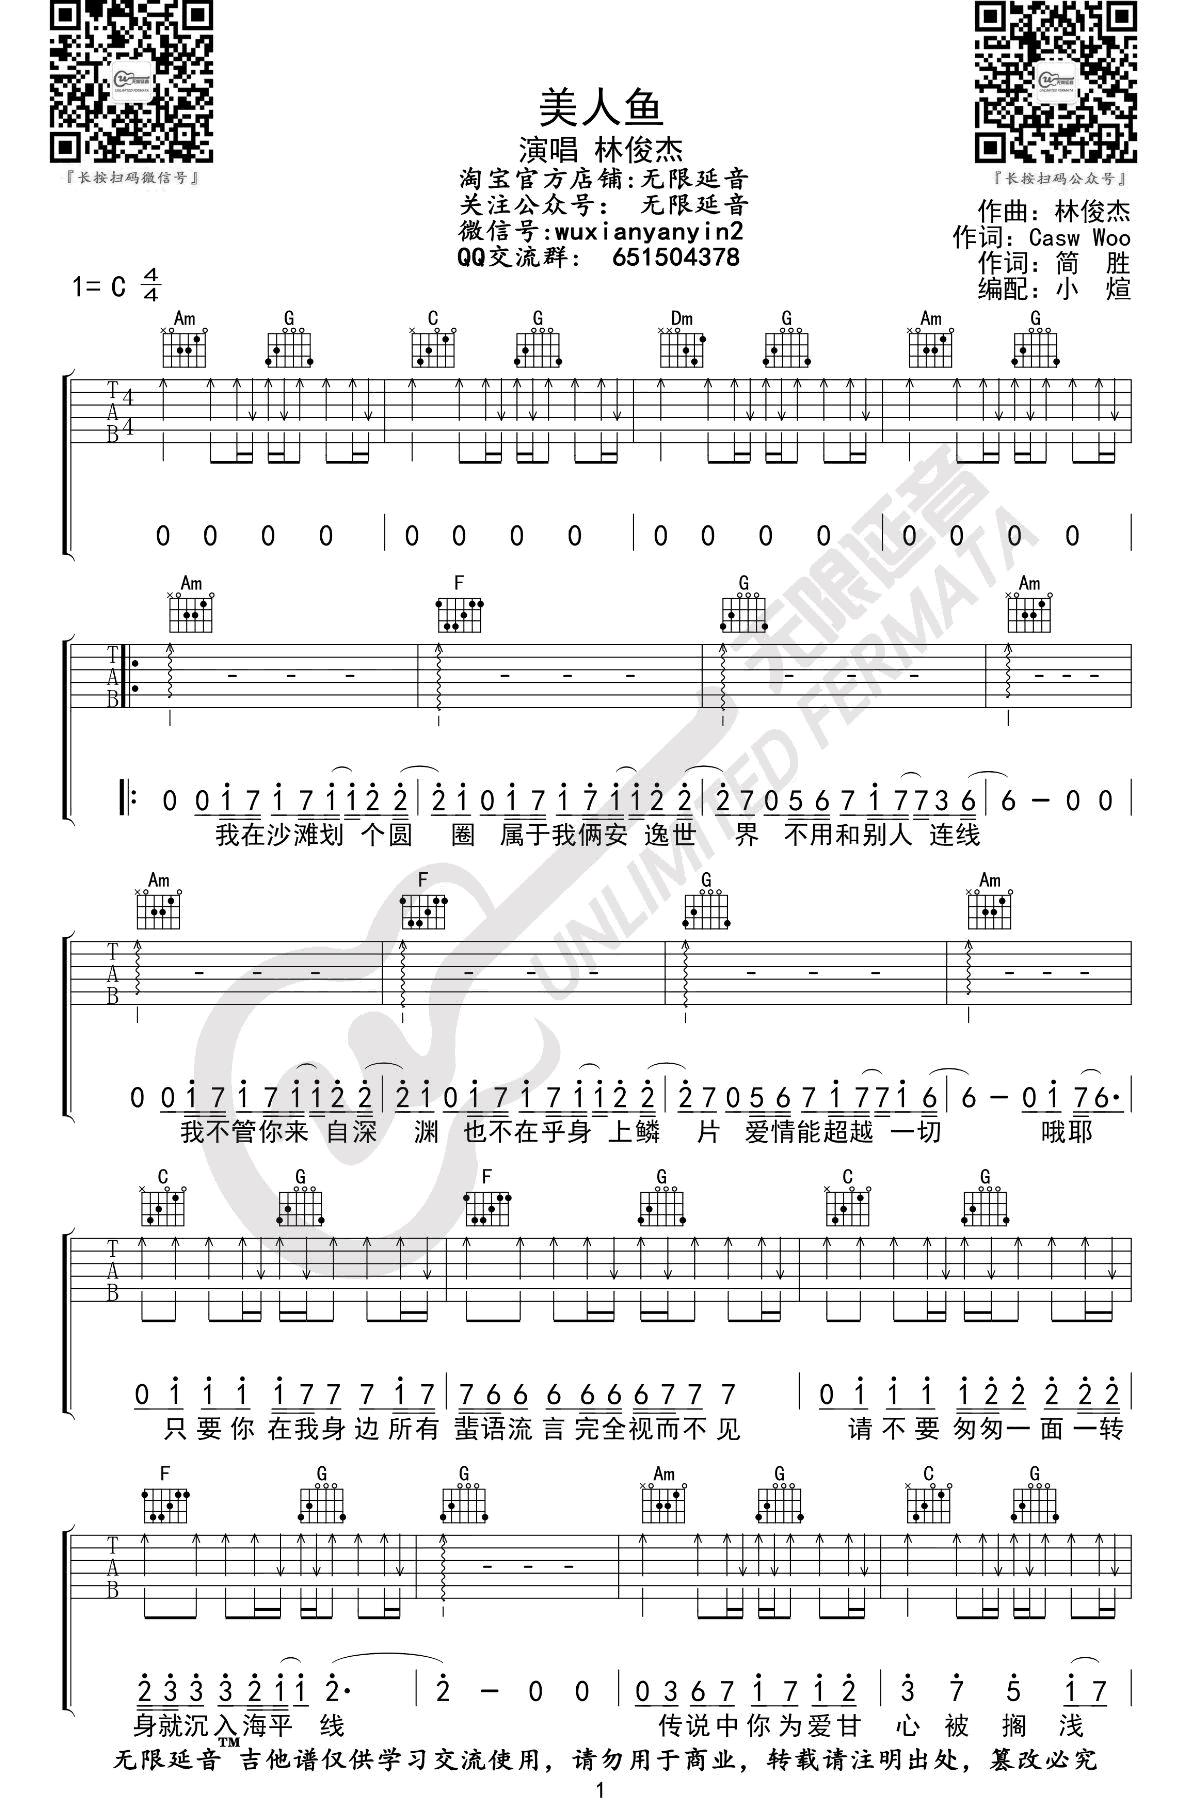 林俊杰-美人鱼吉他谱-1